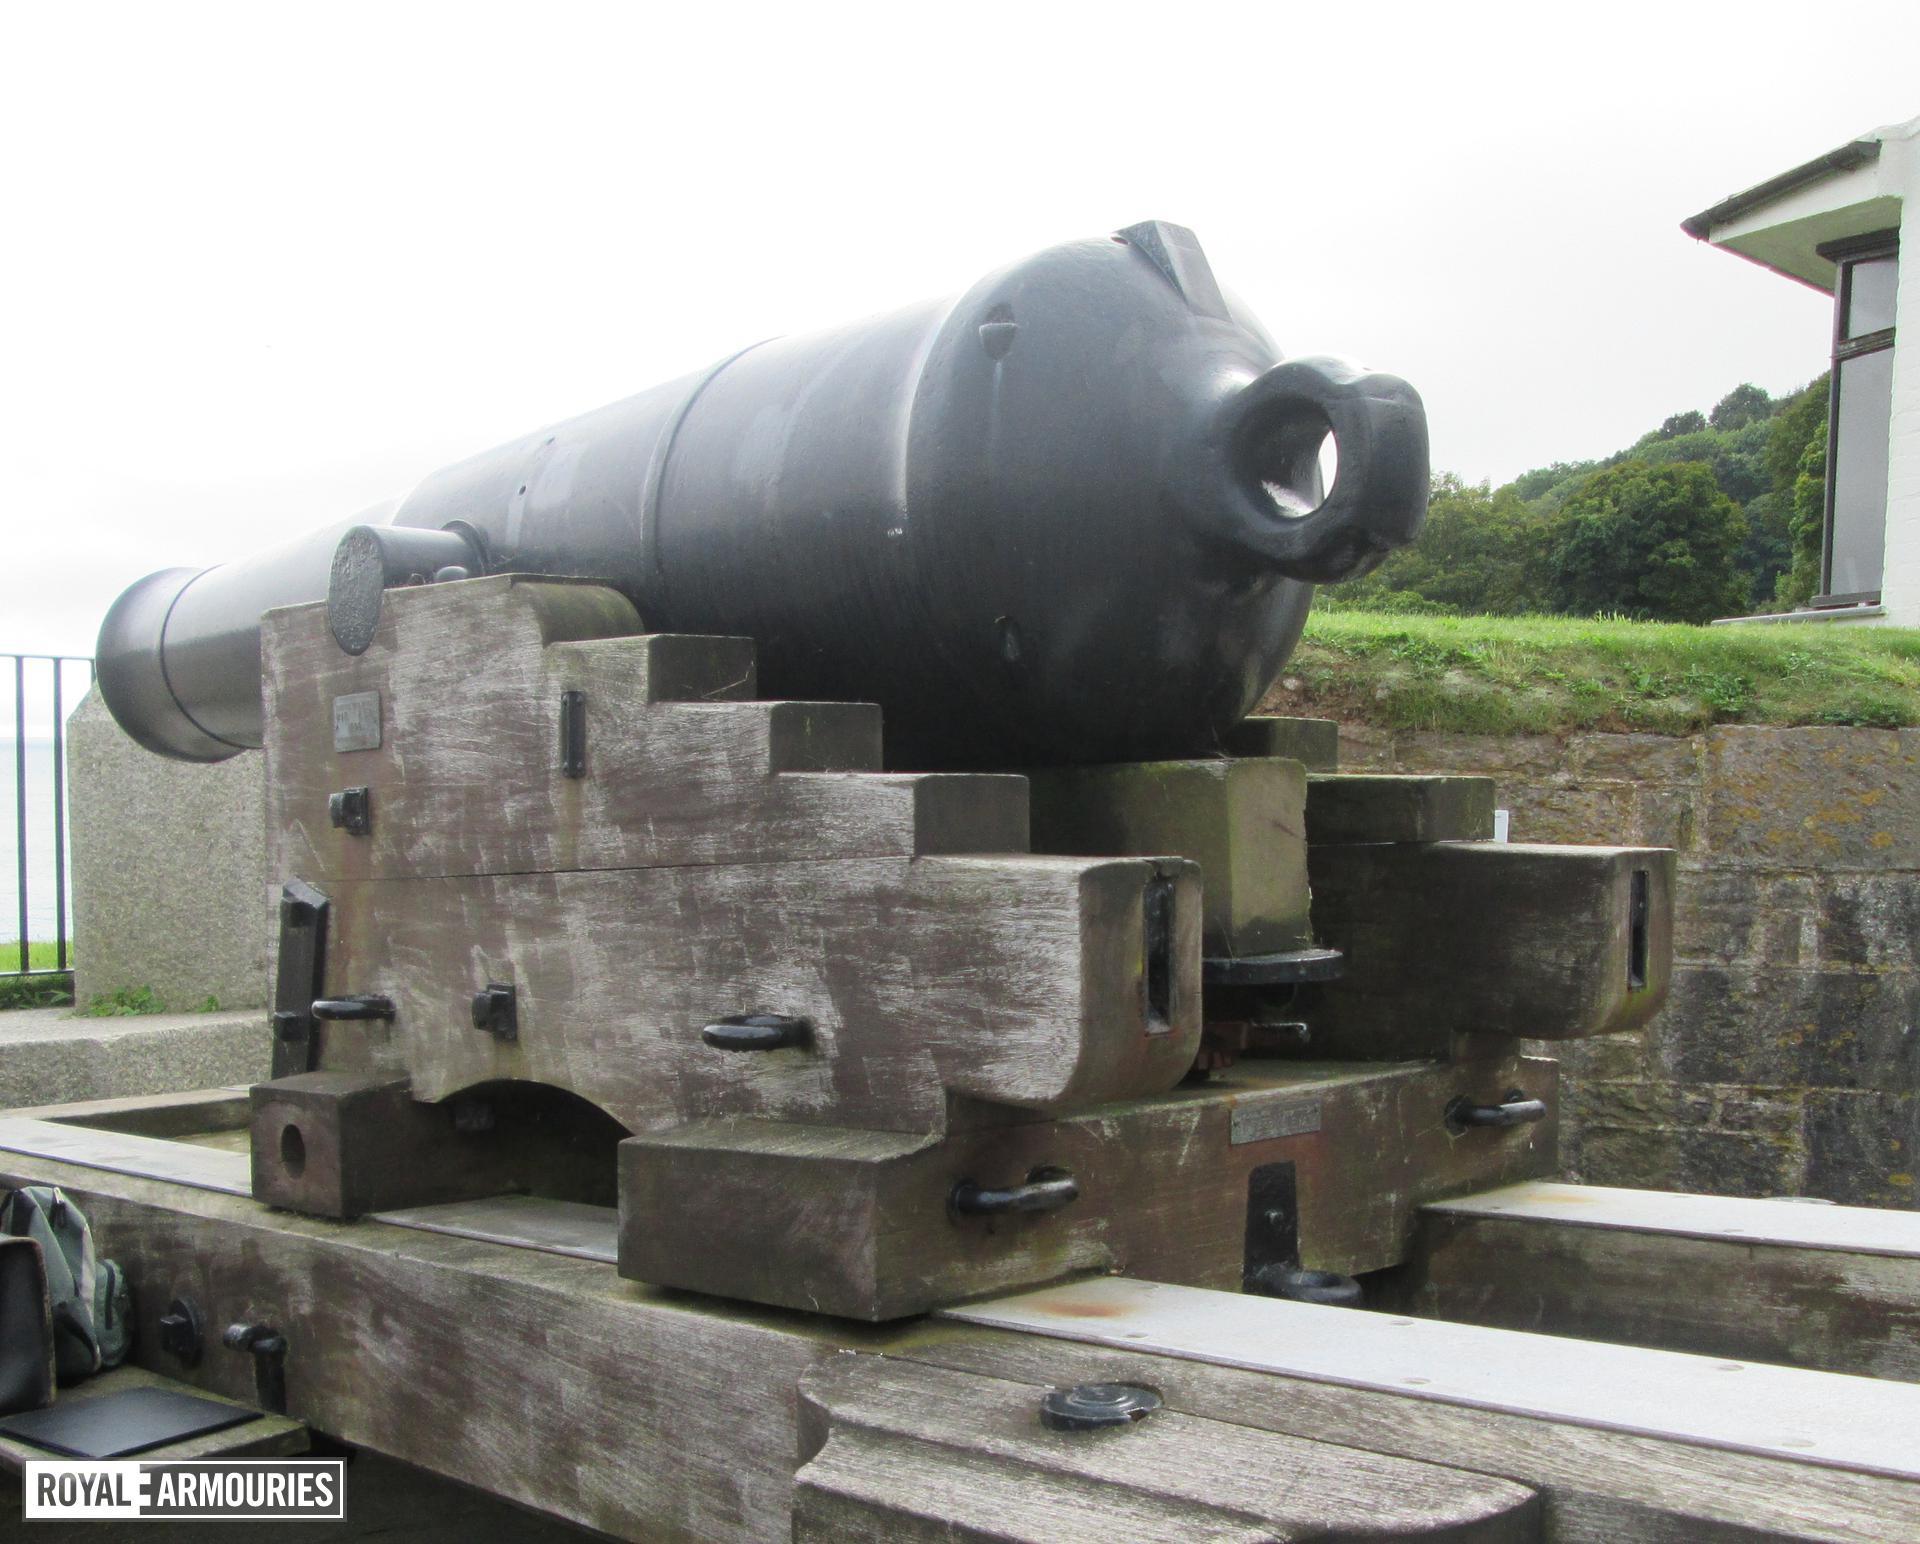 Image of the 64pr gun barrel, XIX.960.